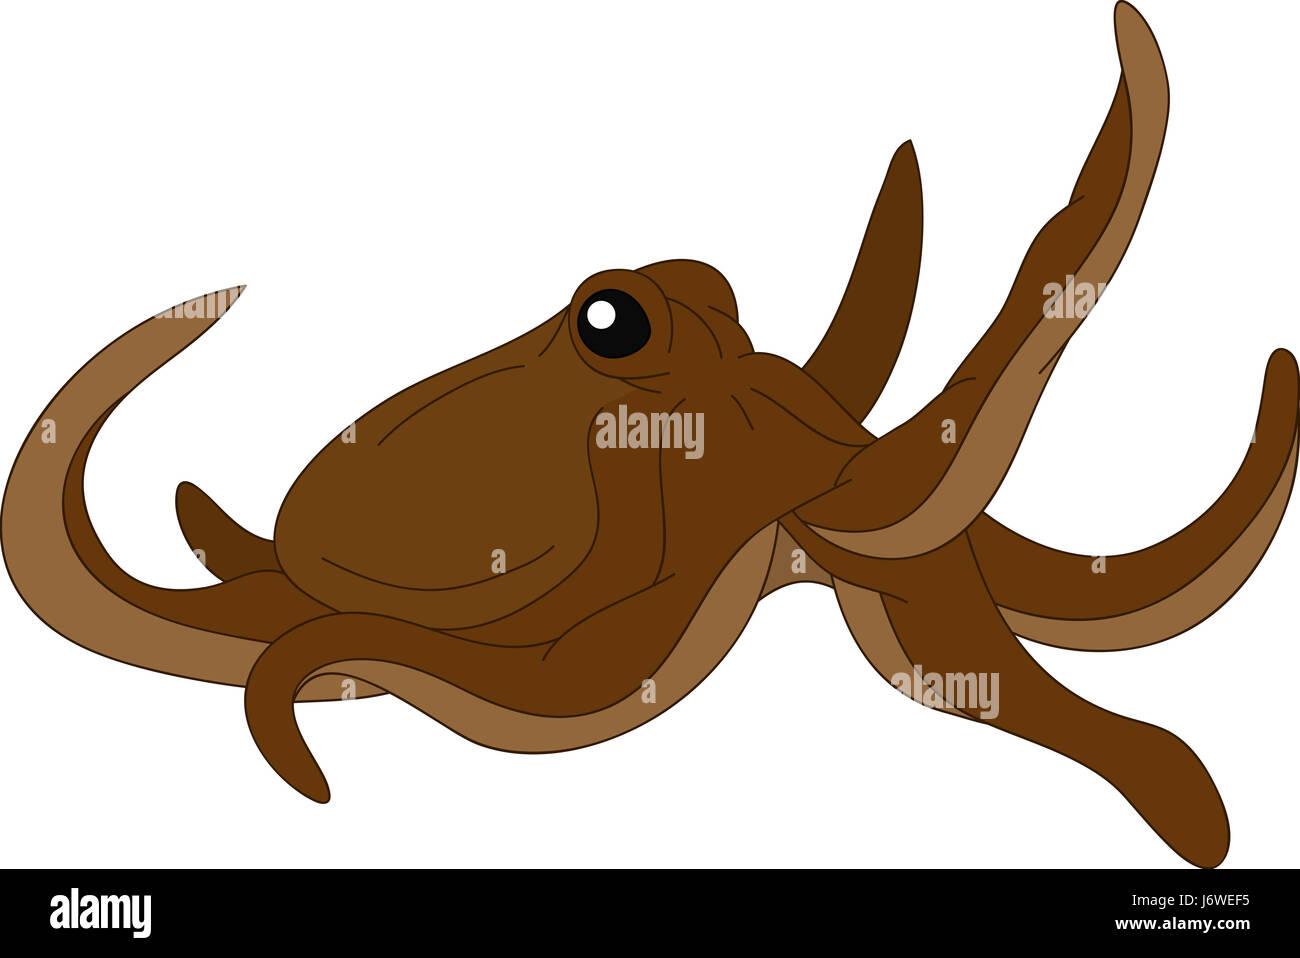 Illustration Draw Octopus Cartoon Art Stockfotos & Illustration Draw ...